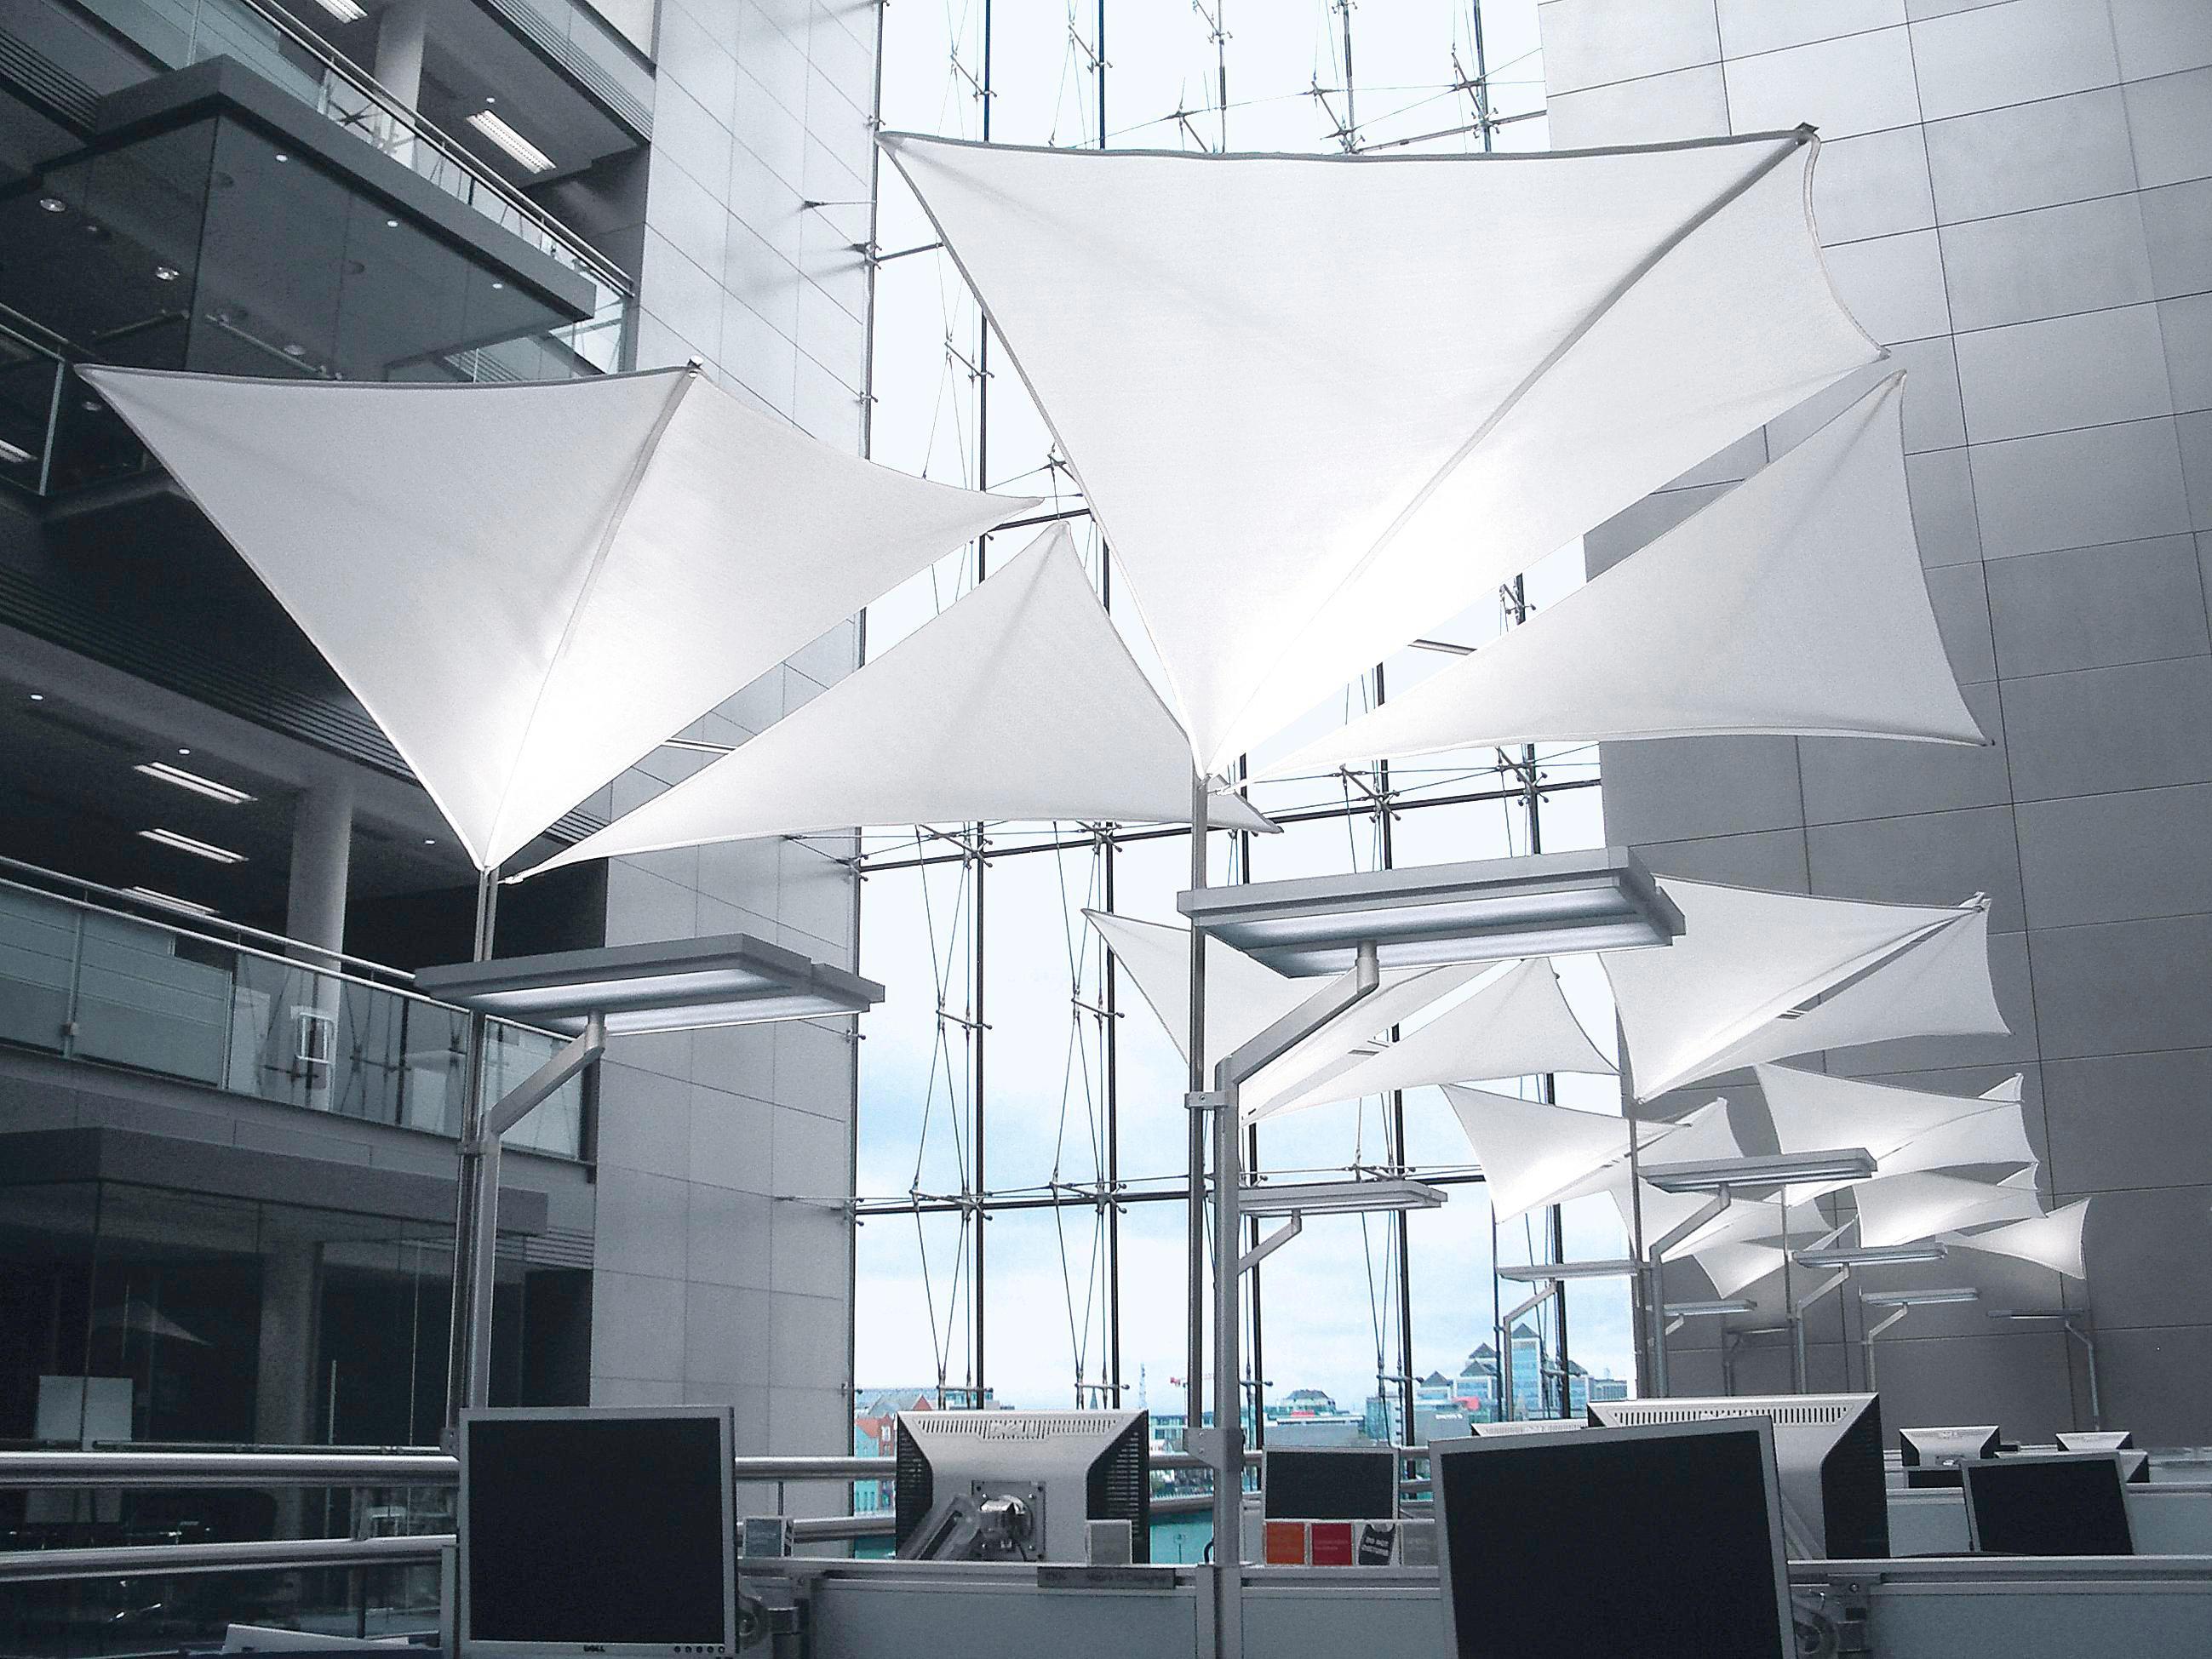 reflektions und akustiksegelsystem allgemeinbeleuchtung von h waldmann architonic. Black Bedroom Furniture Sets. Home Design Ideas